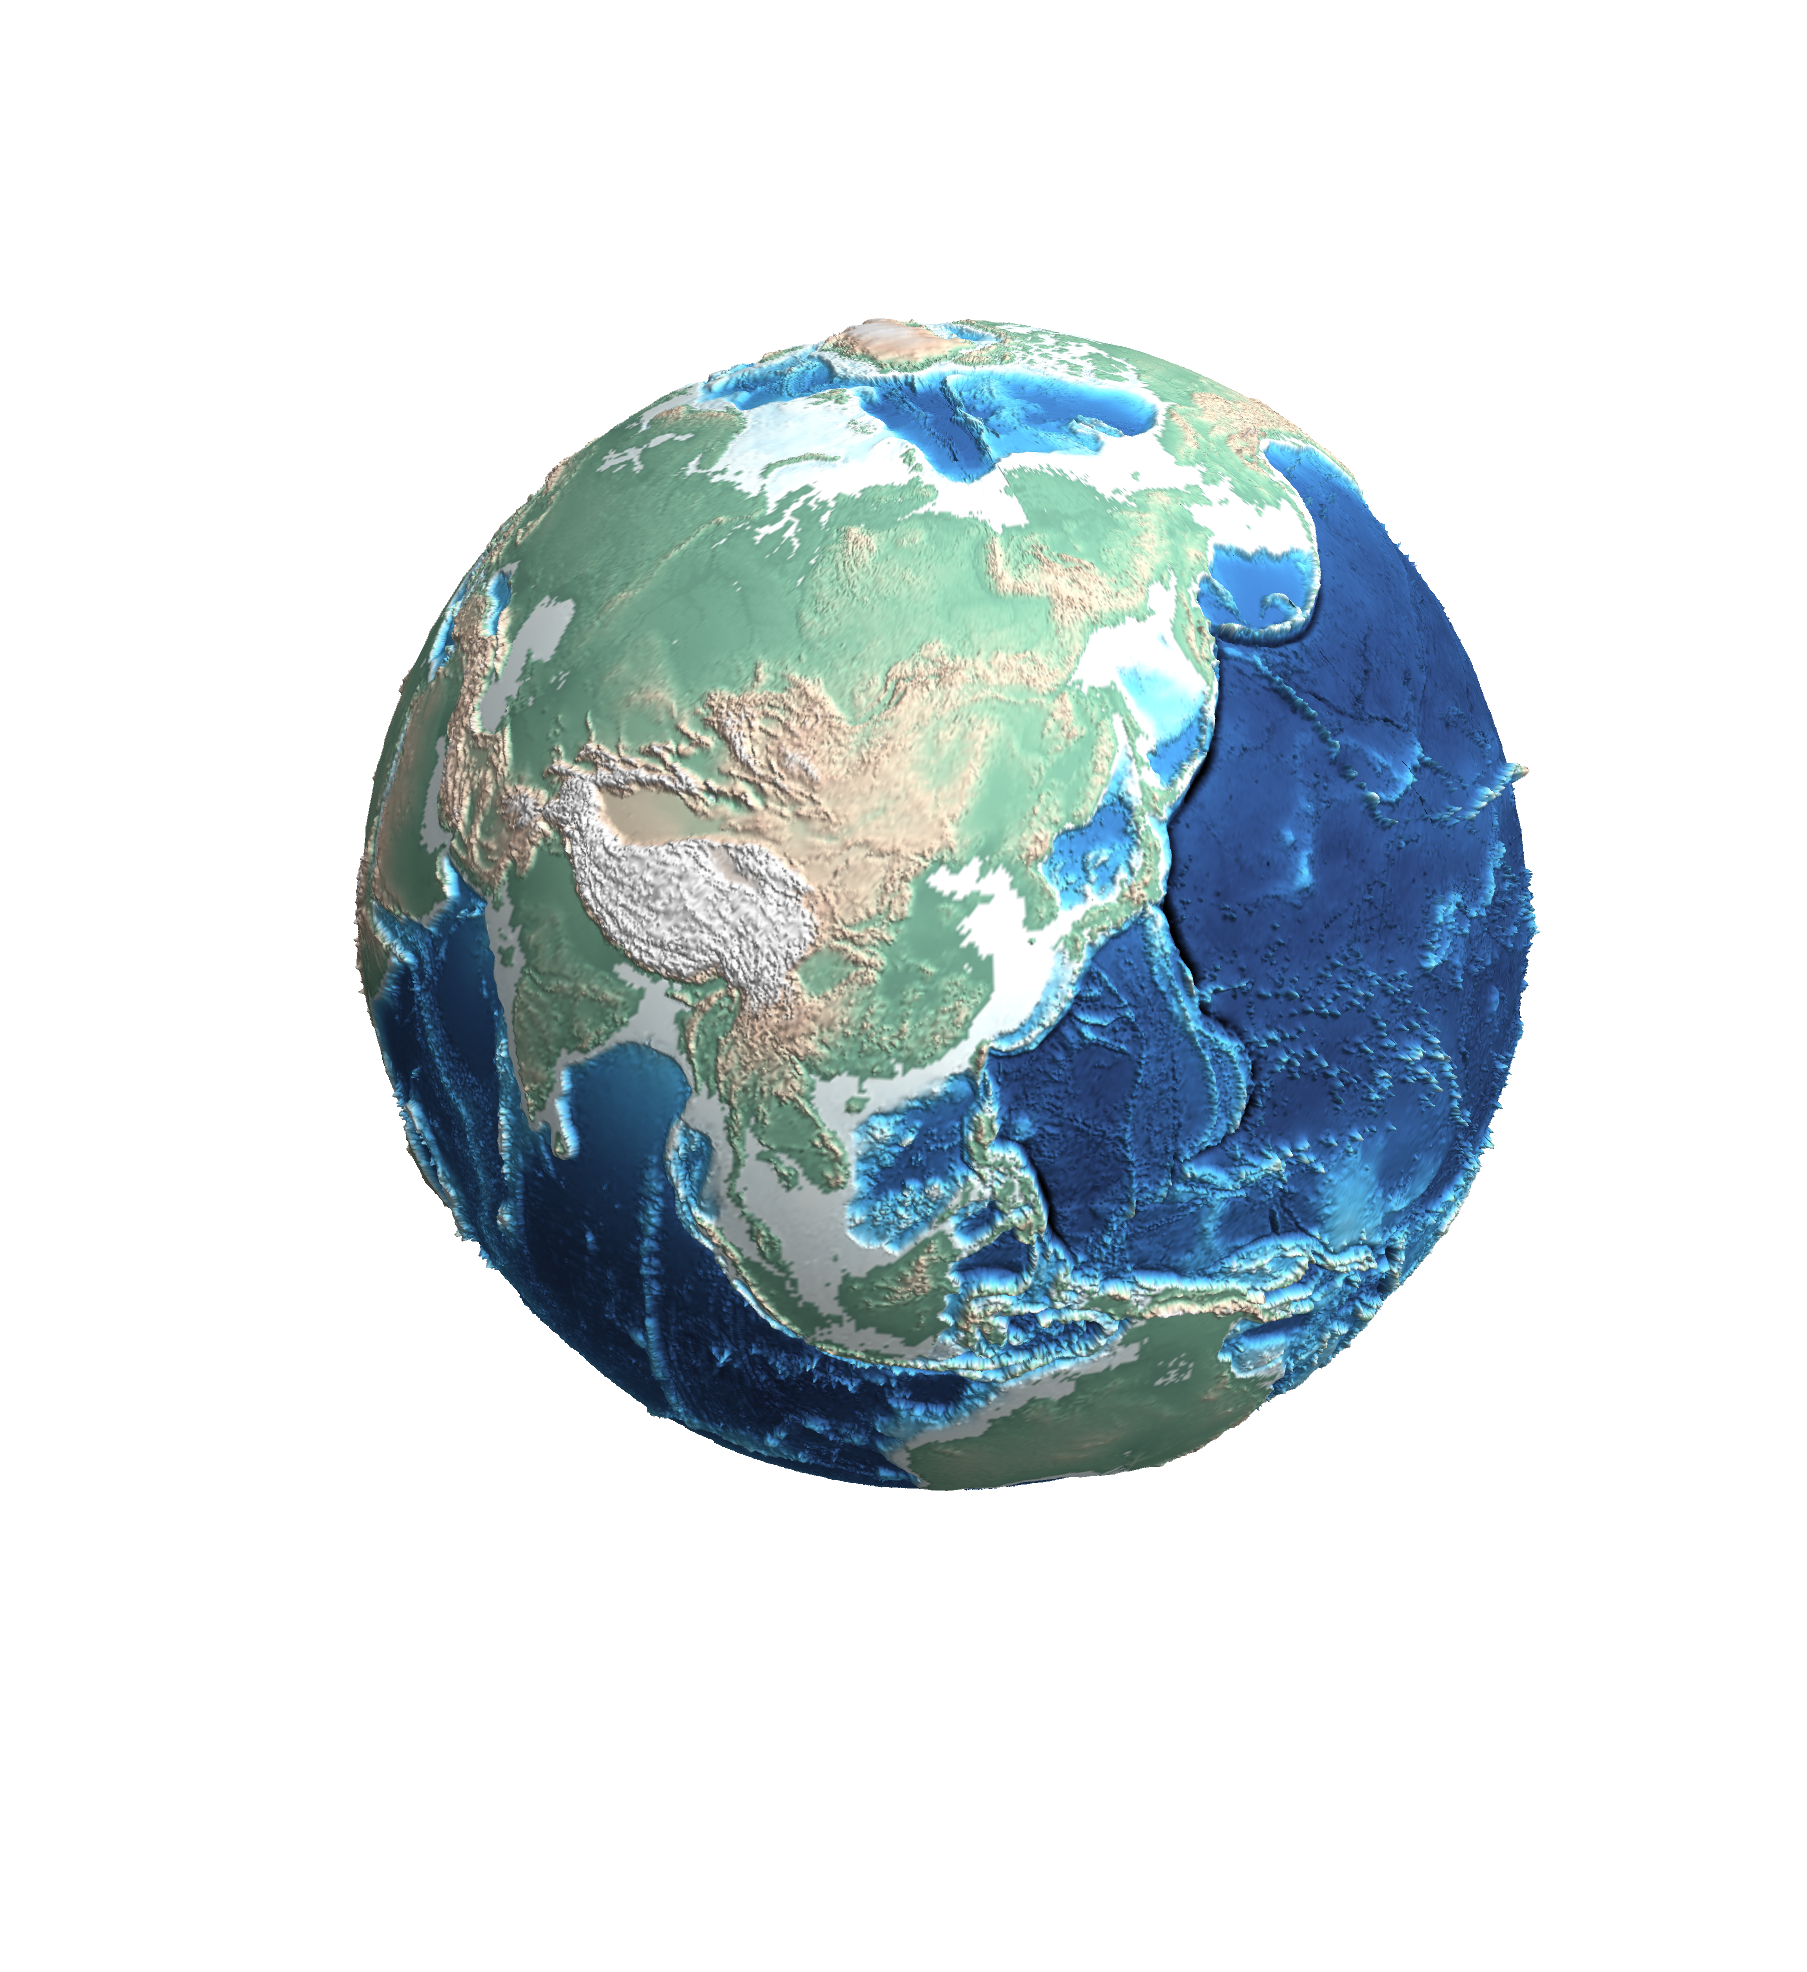 A 3D globe